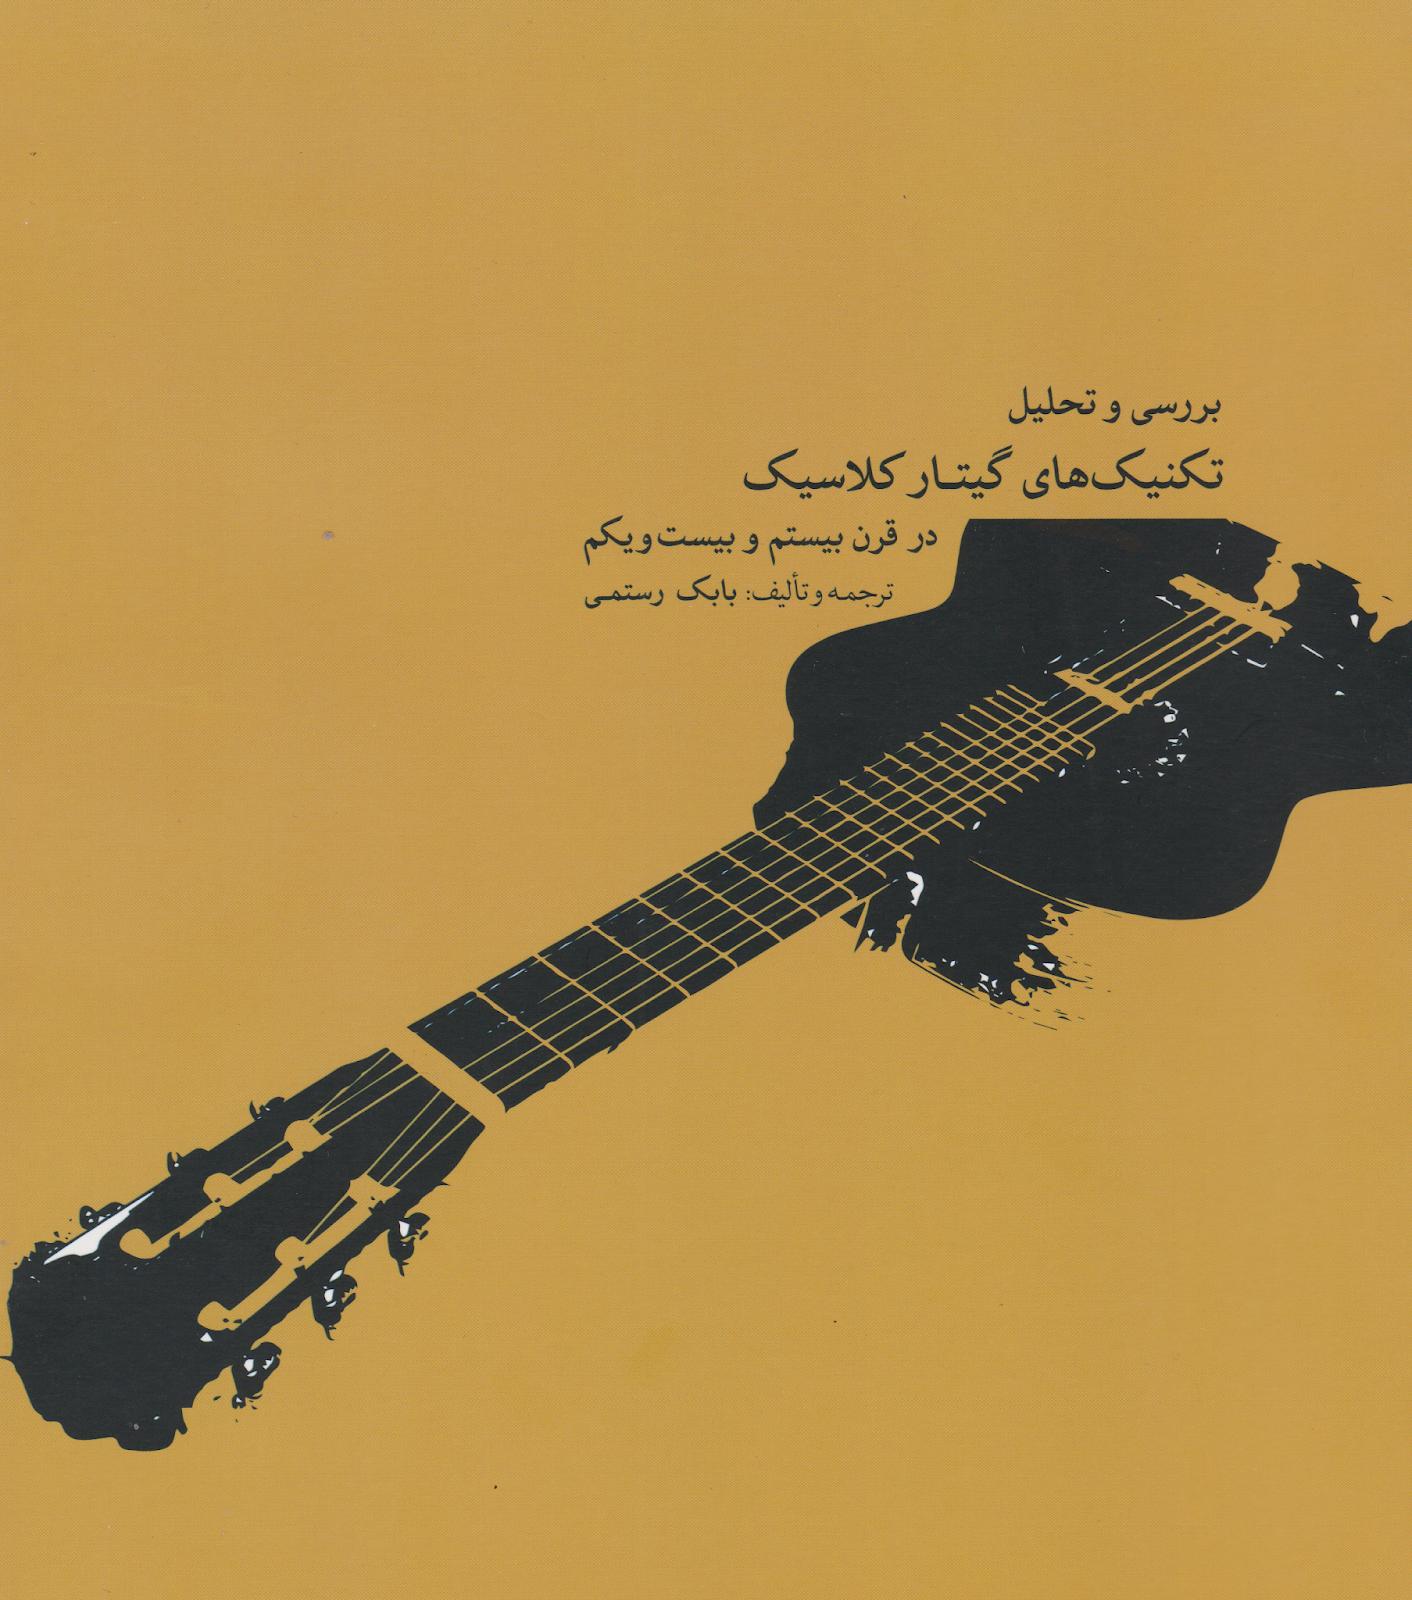 کتاب بررسی و تحلیل تکنیکهای گیتارکلاسیک بابک رستمی انتشارات ماهور